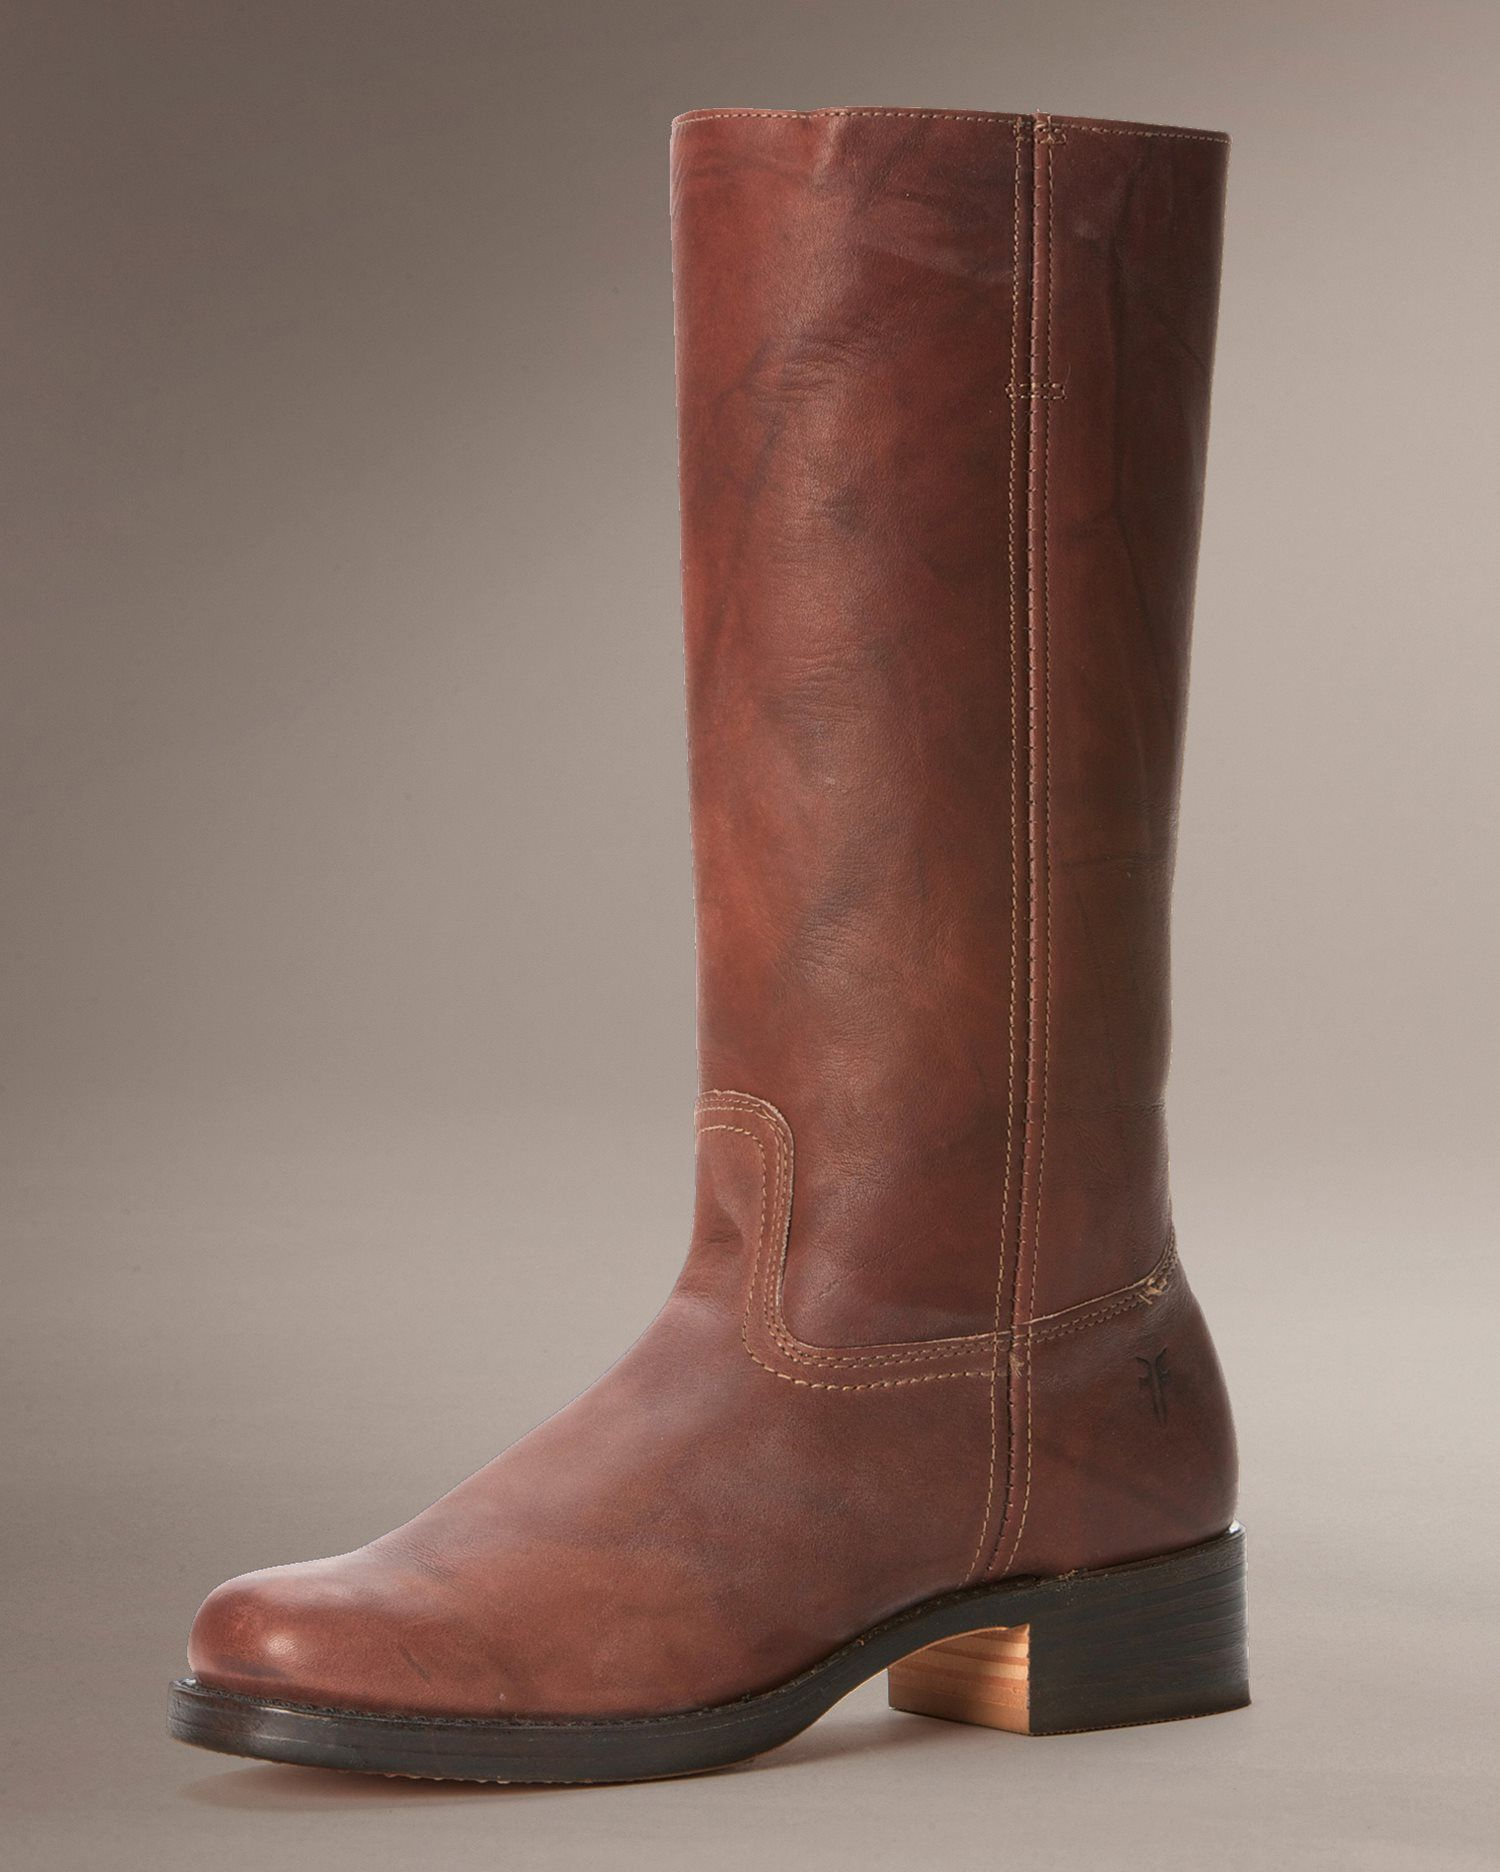 48c13594 Campus 14L Boots | FRYE Since 1863 | Z Mens Shoes/Boots | Frye ...